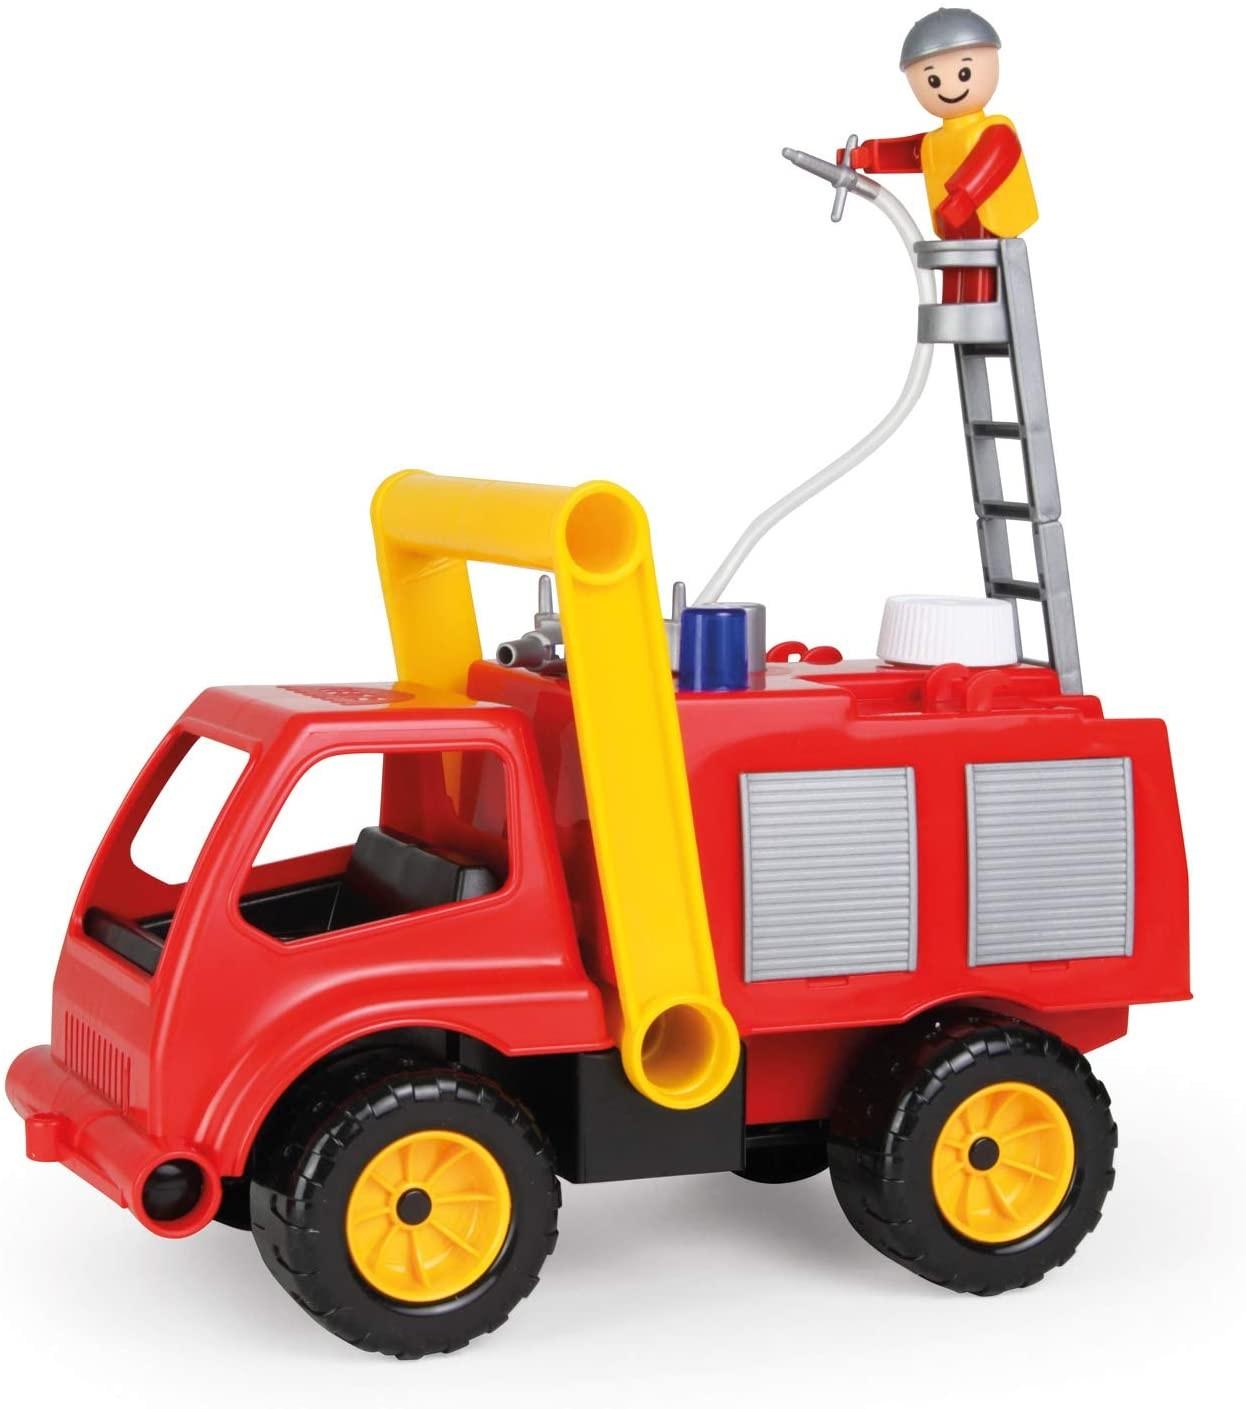 LENA 04155 - Aktive, Feuerwehr mit Spielfigur, Sandspielzeug